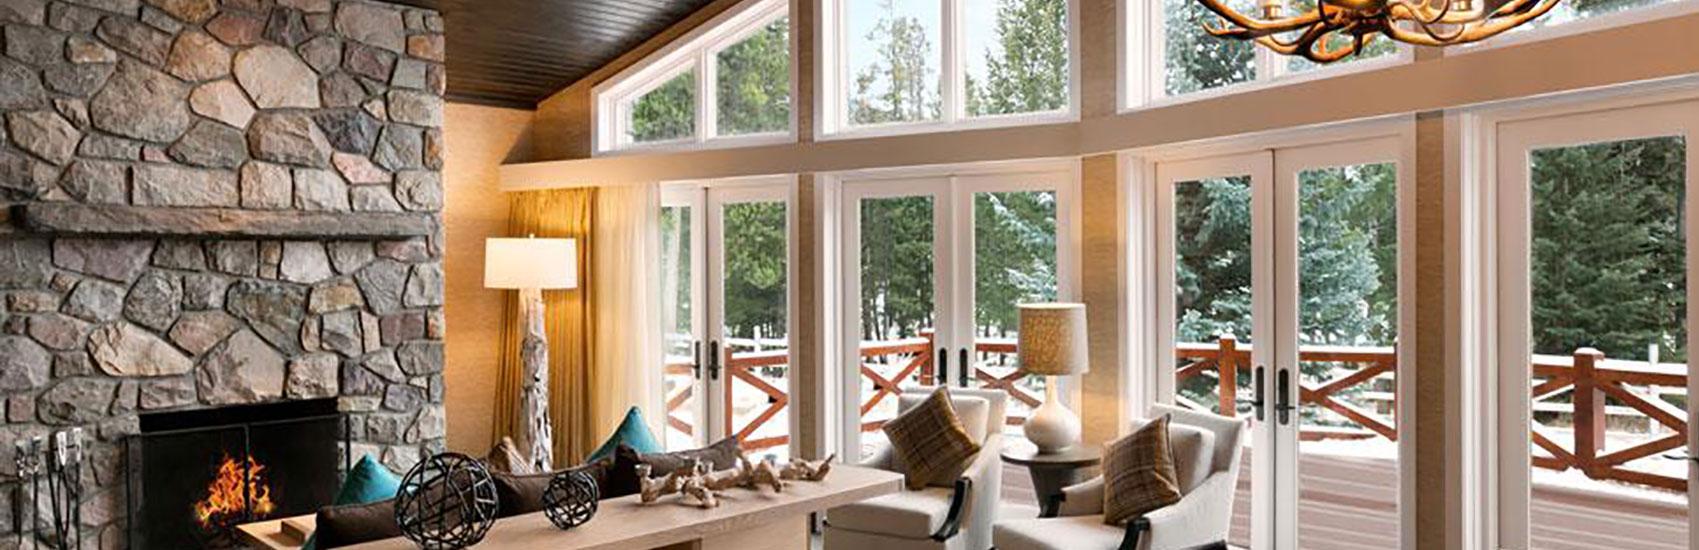 Fairmont Jasper Park Lodge 2